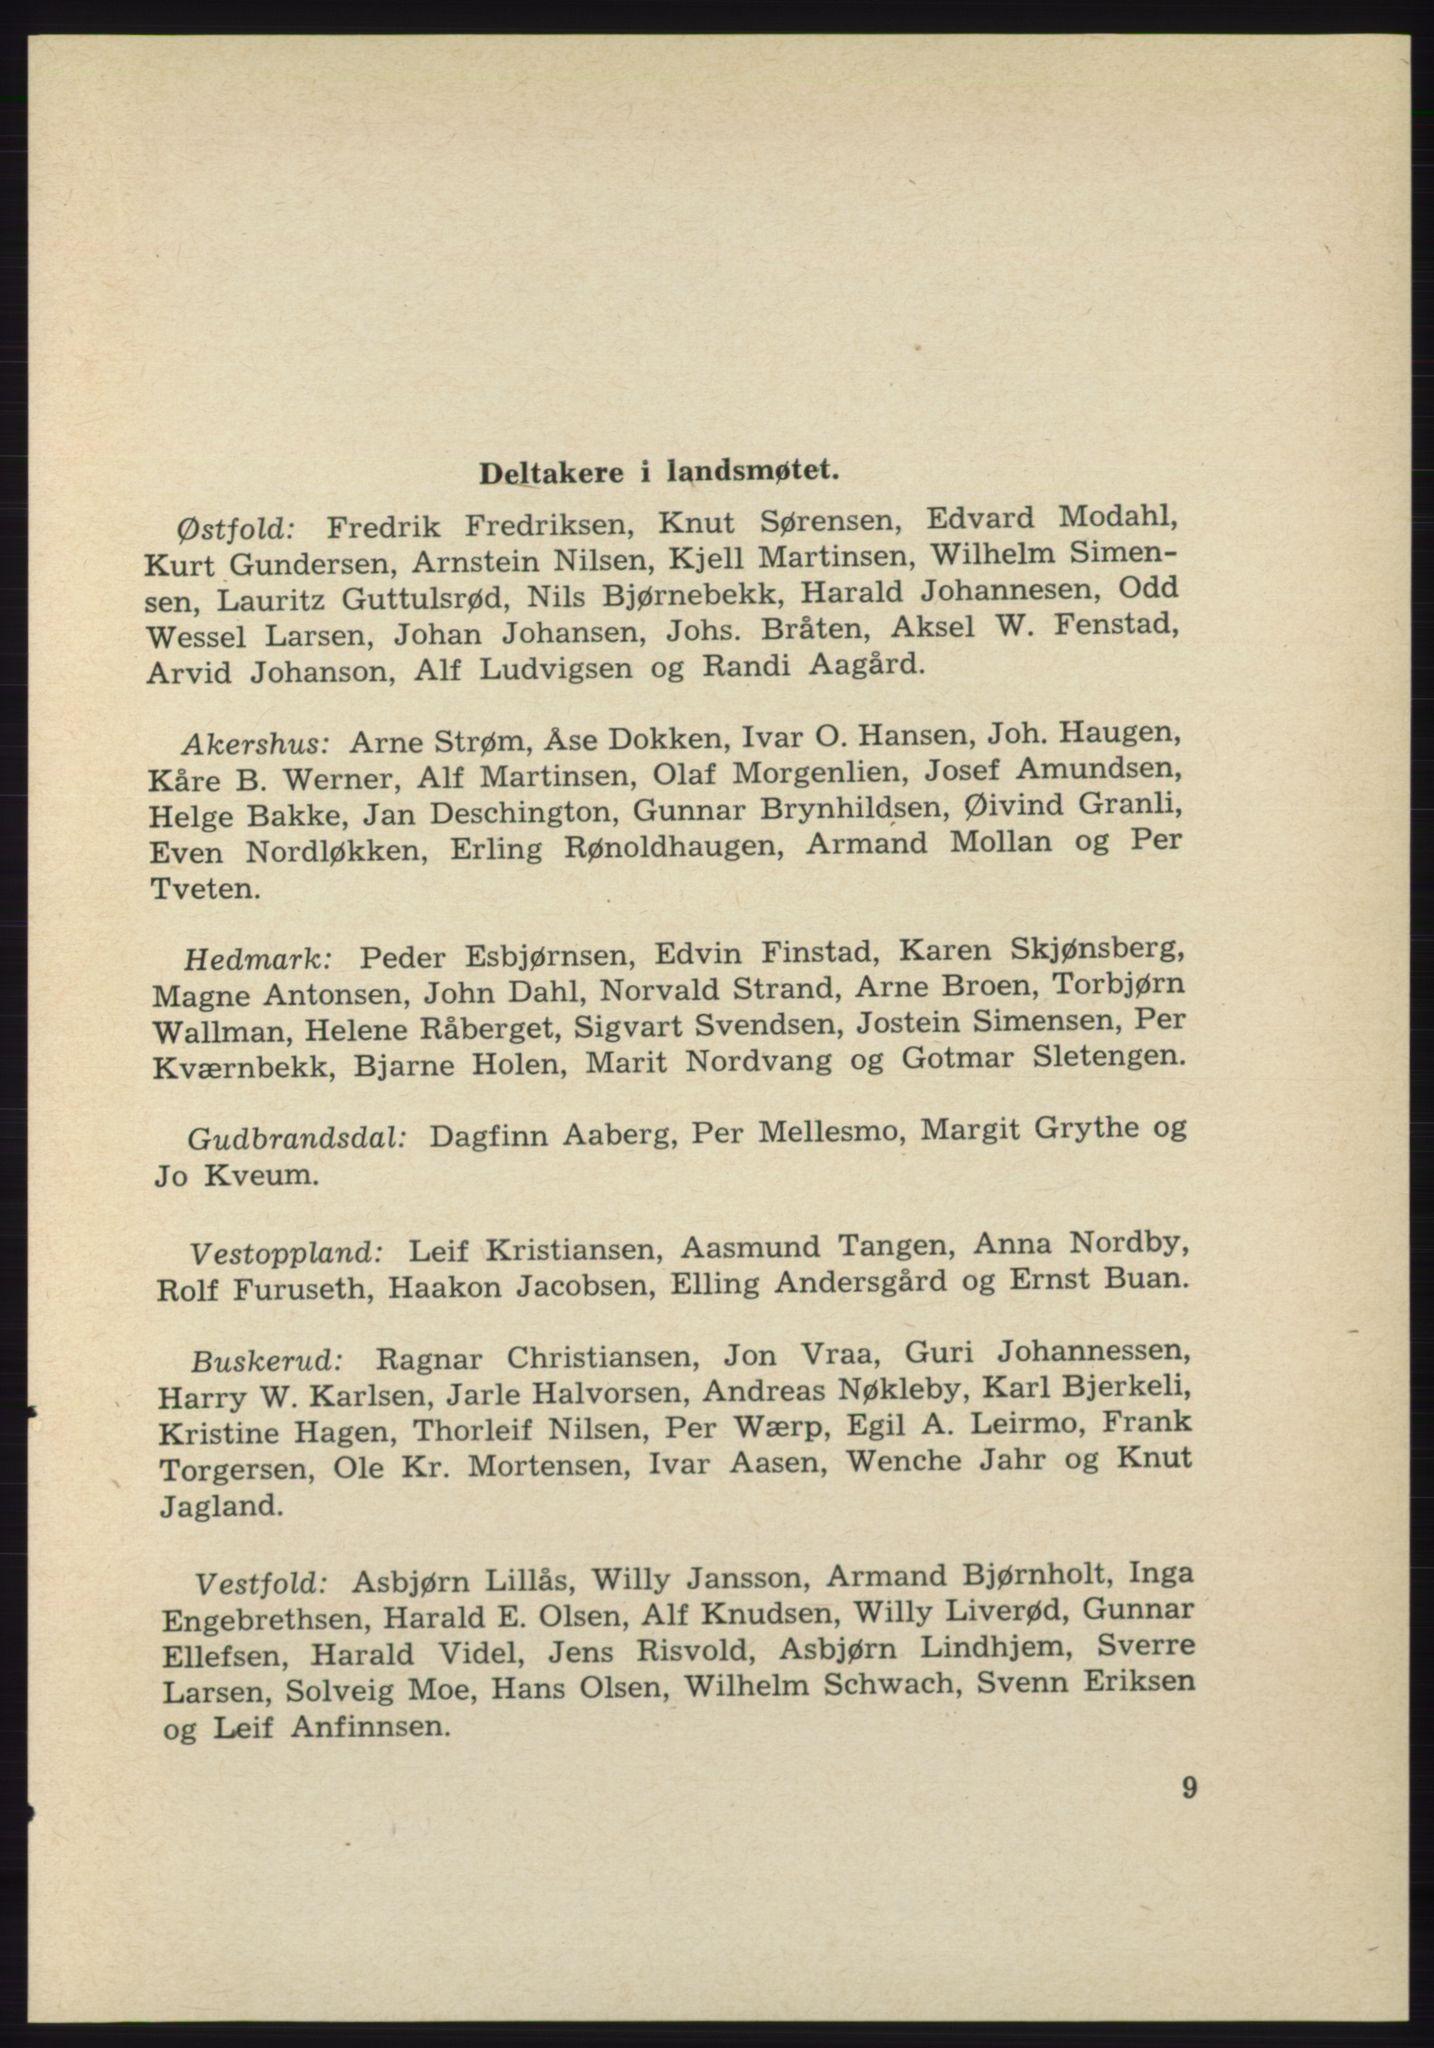 AAB, Det norske Arbeiderparti - publikasjoner, -/-: Protokoll over forhandlingene på det 39. ordinære landsmøte 23.-25. mai 1963 i Oslo, 1963, s. 9